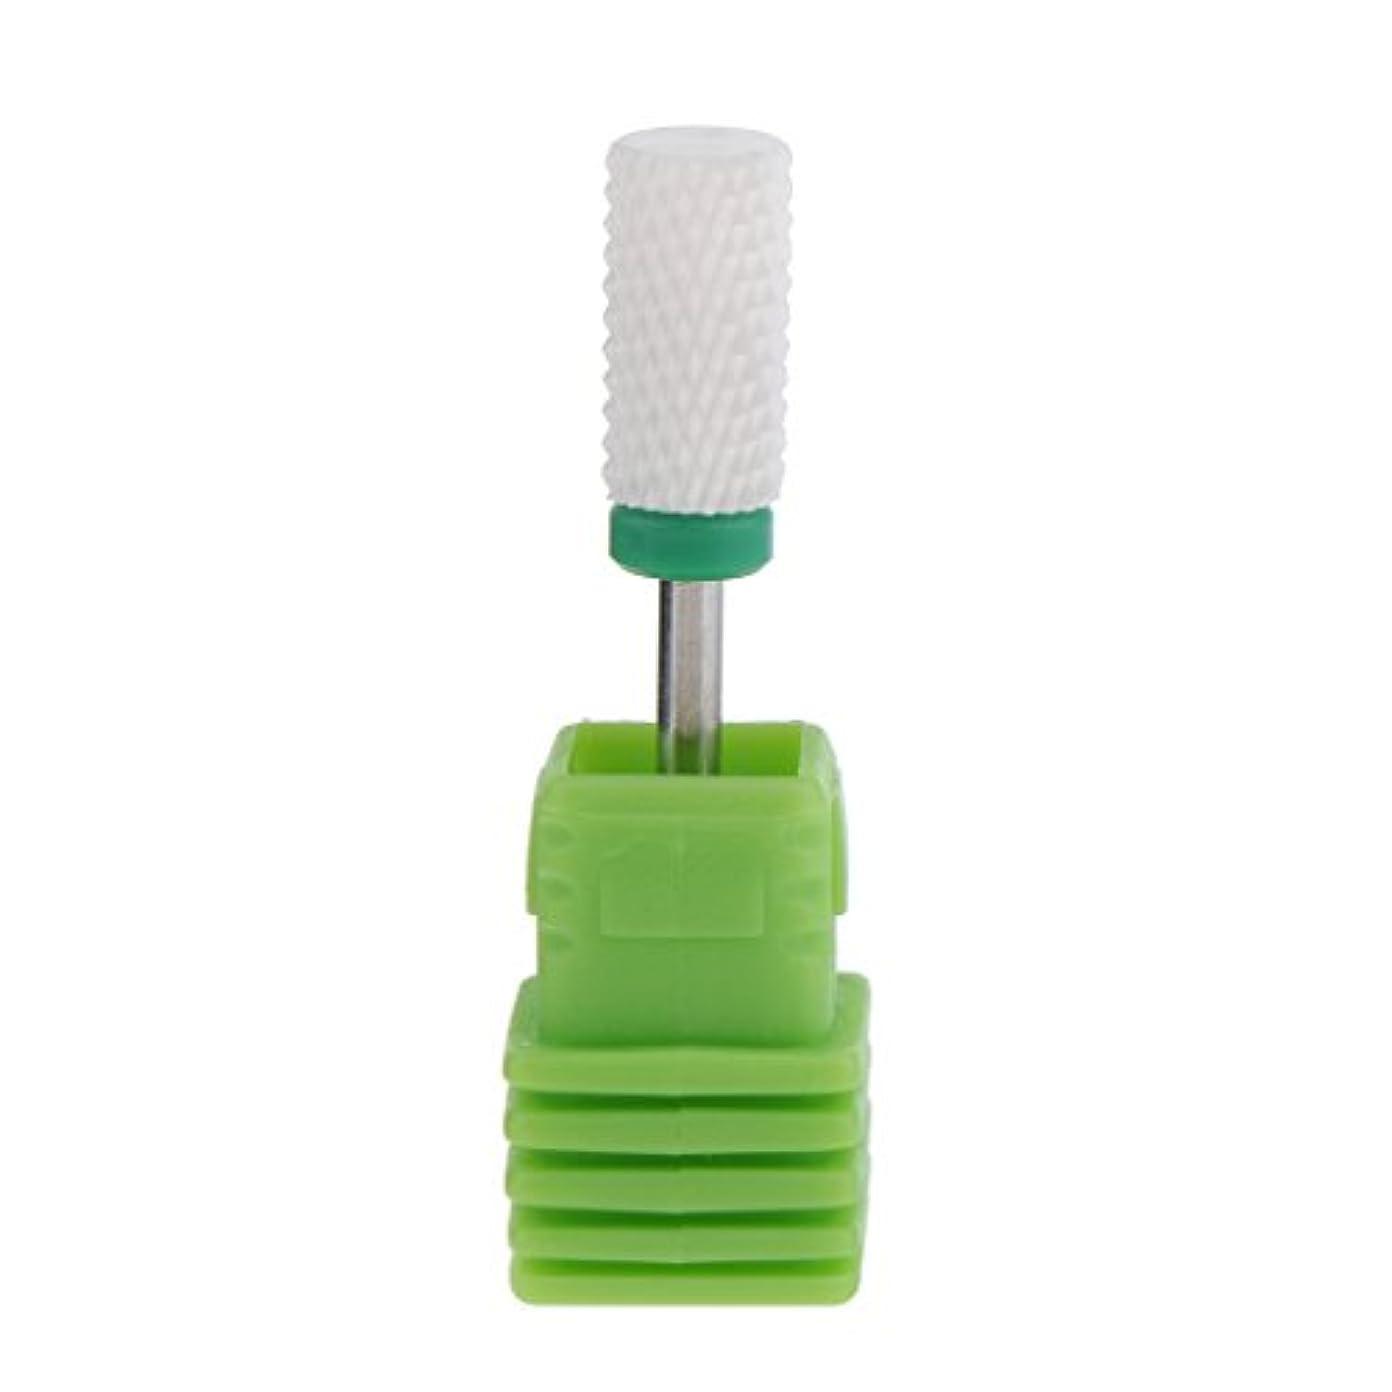 十分香り高い全6色 研磨ヘッド 電気ドリル ネイルアート ドリルビット マニキュア ペディキュア適用 - グリーン